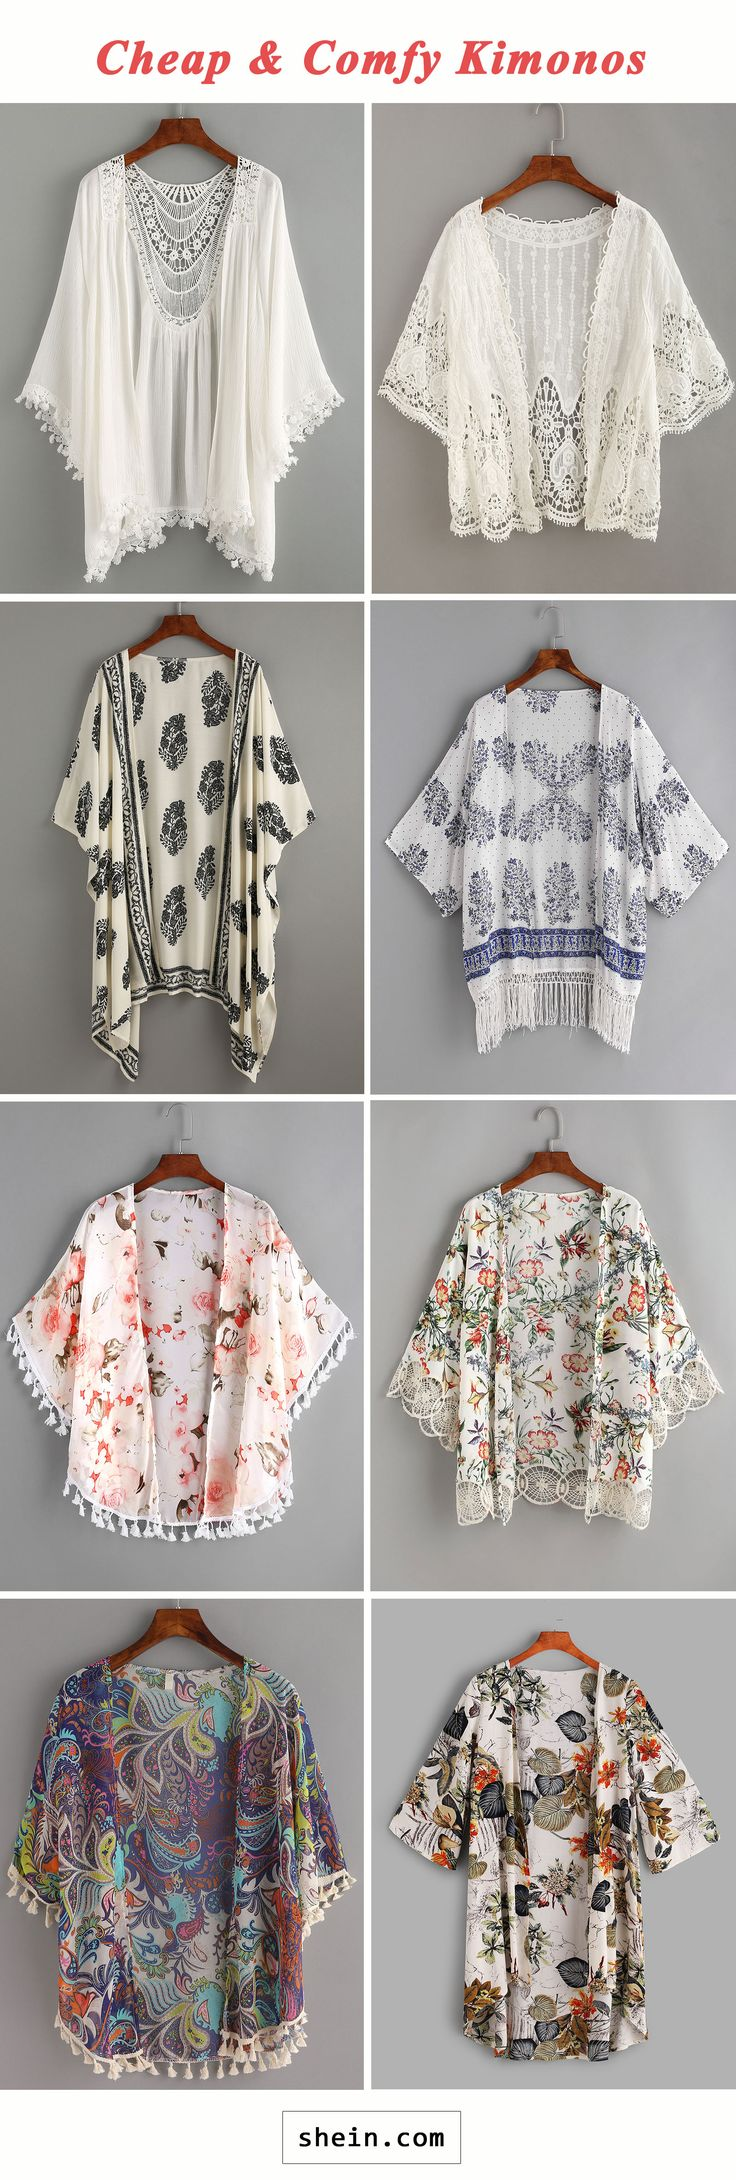 Cheap & comfy kimonos